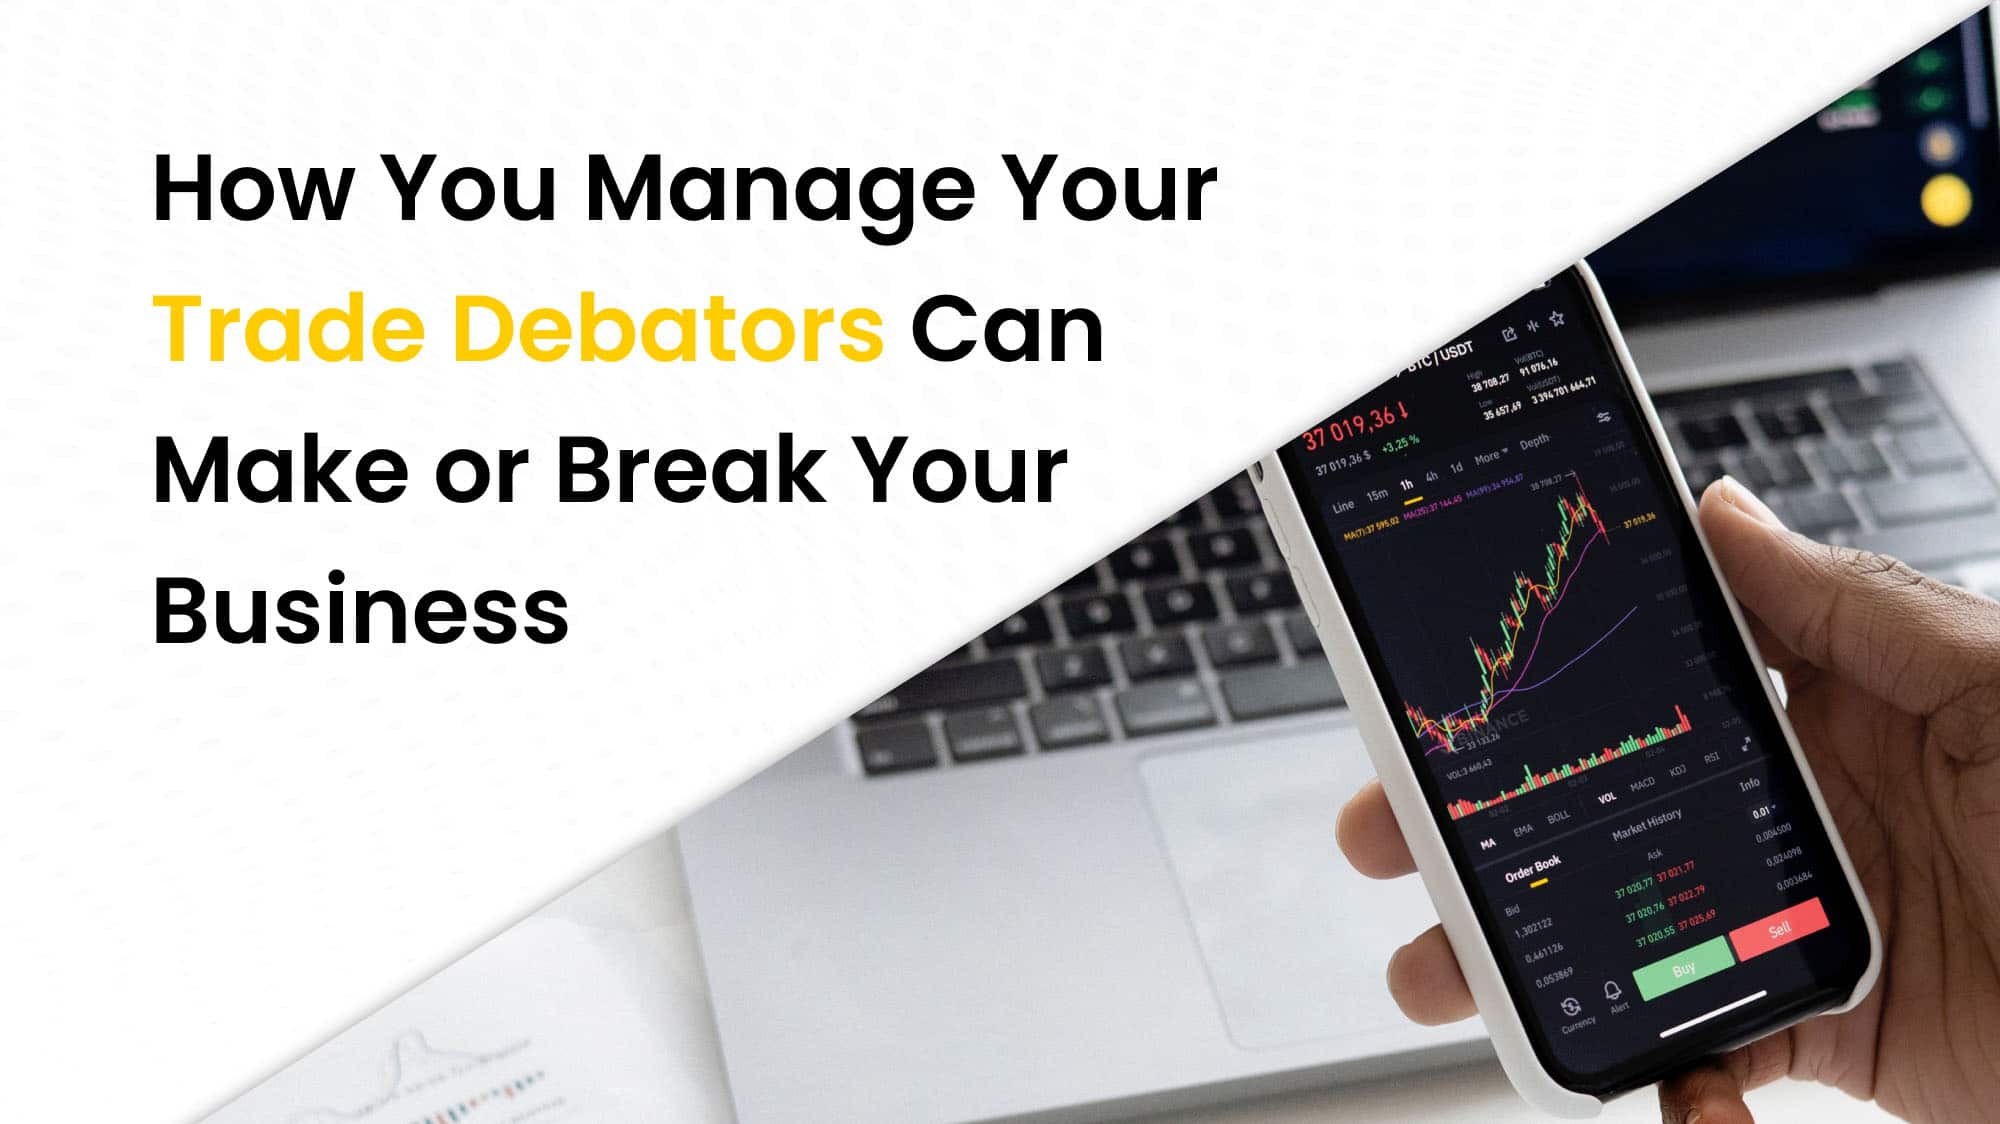 Break your business